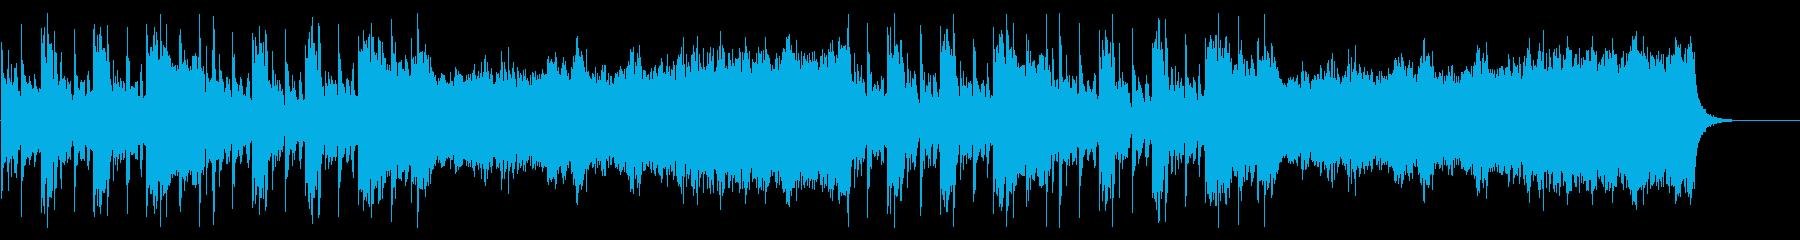 少し怪しげな和風BGM/何かが始まる予感の再生済みの波形